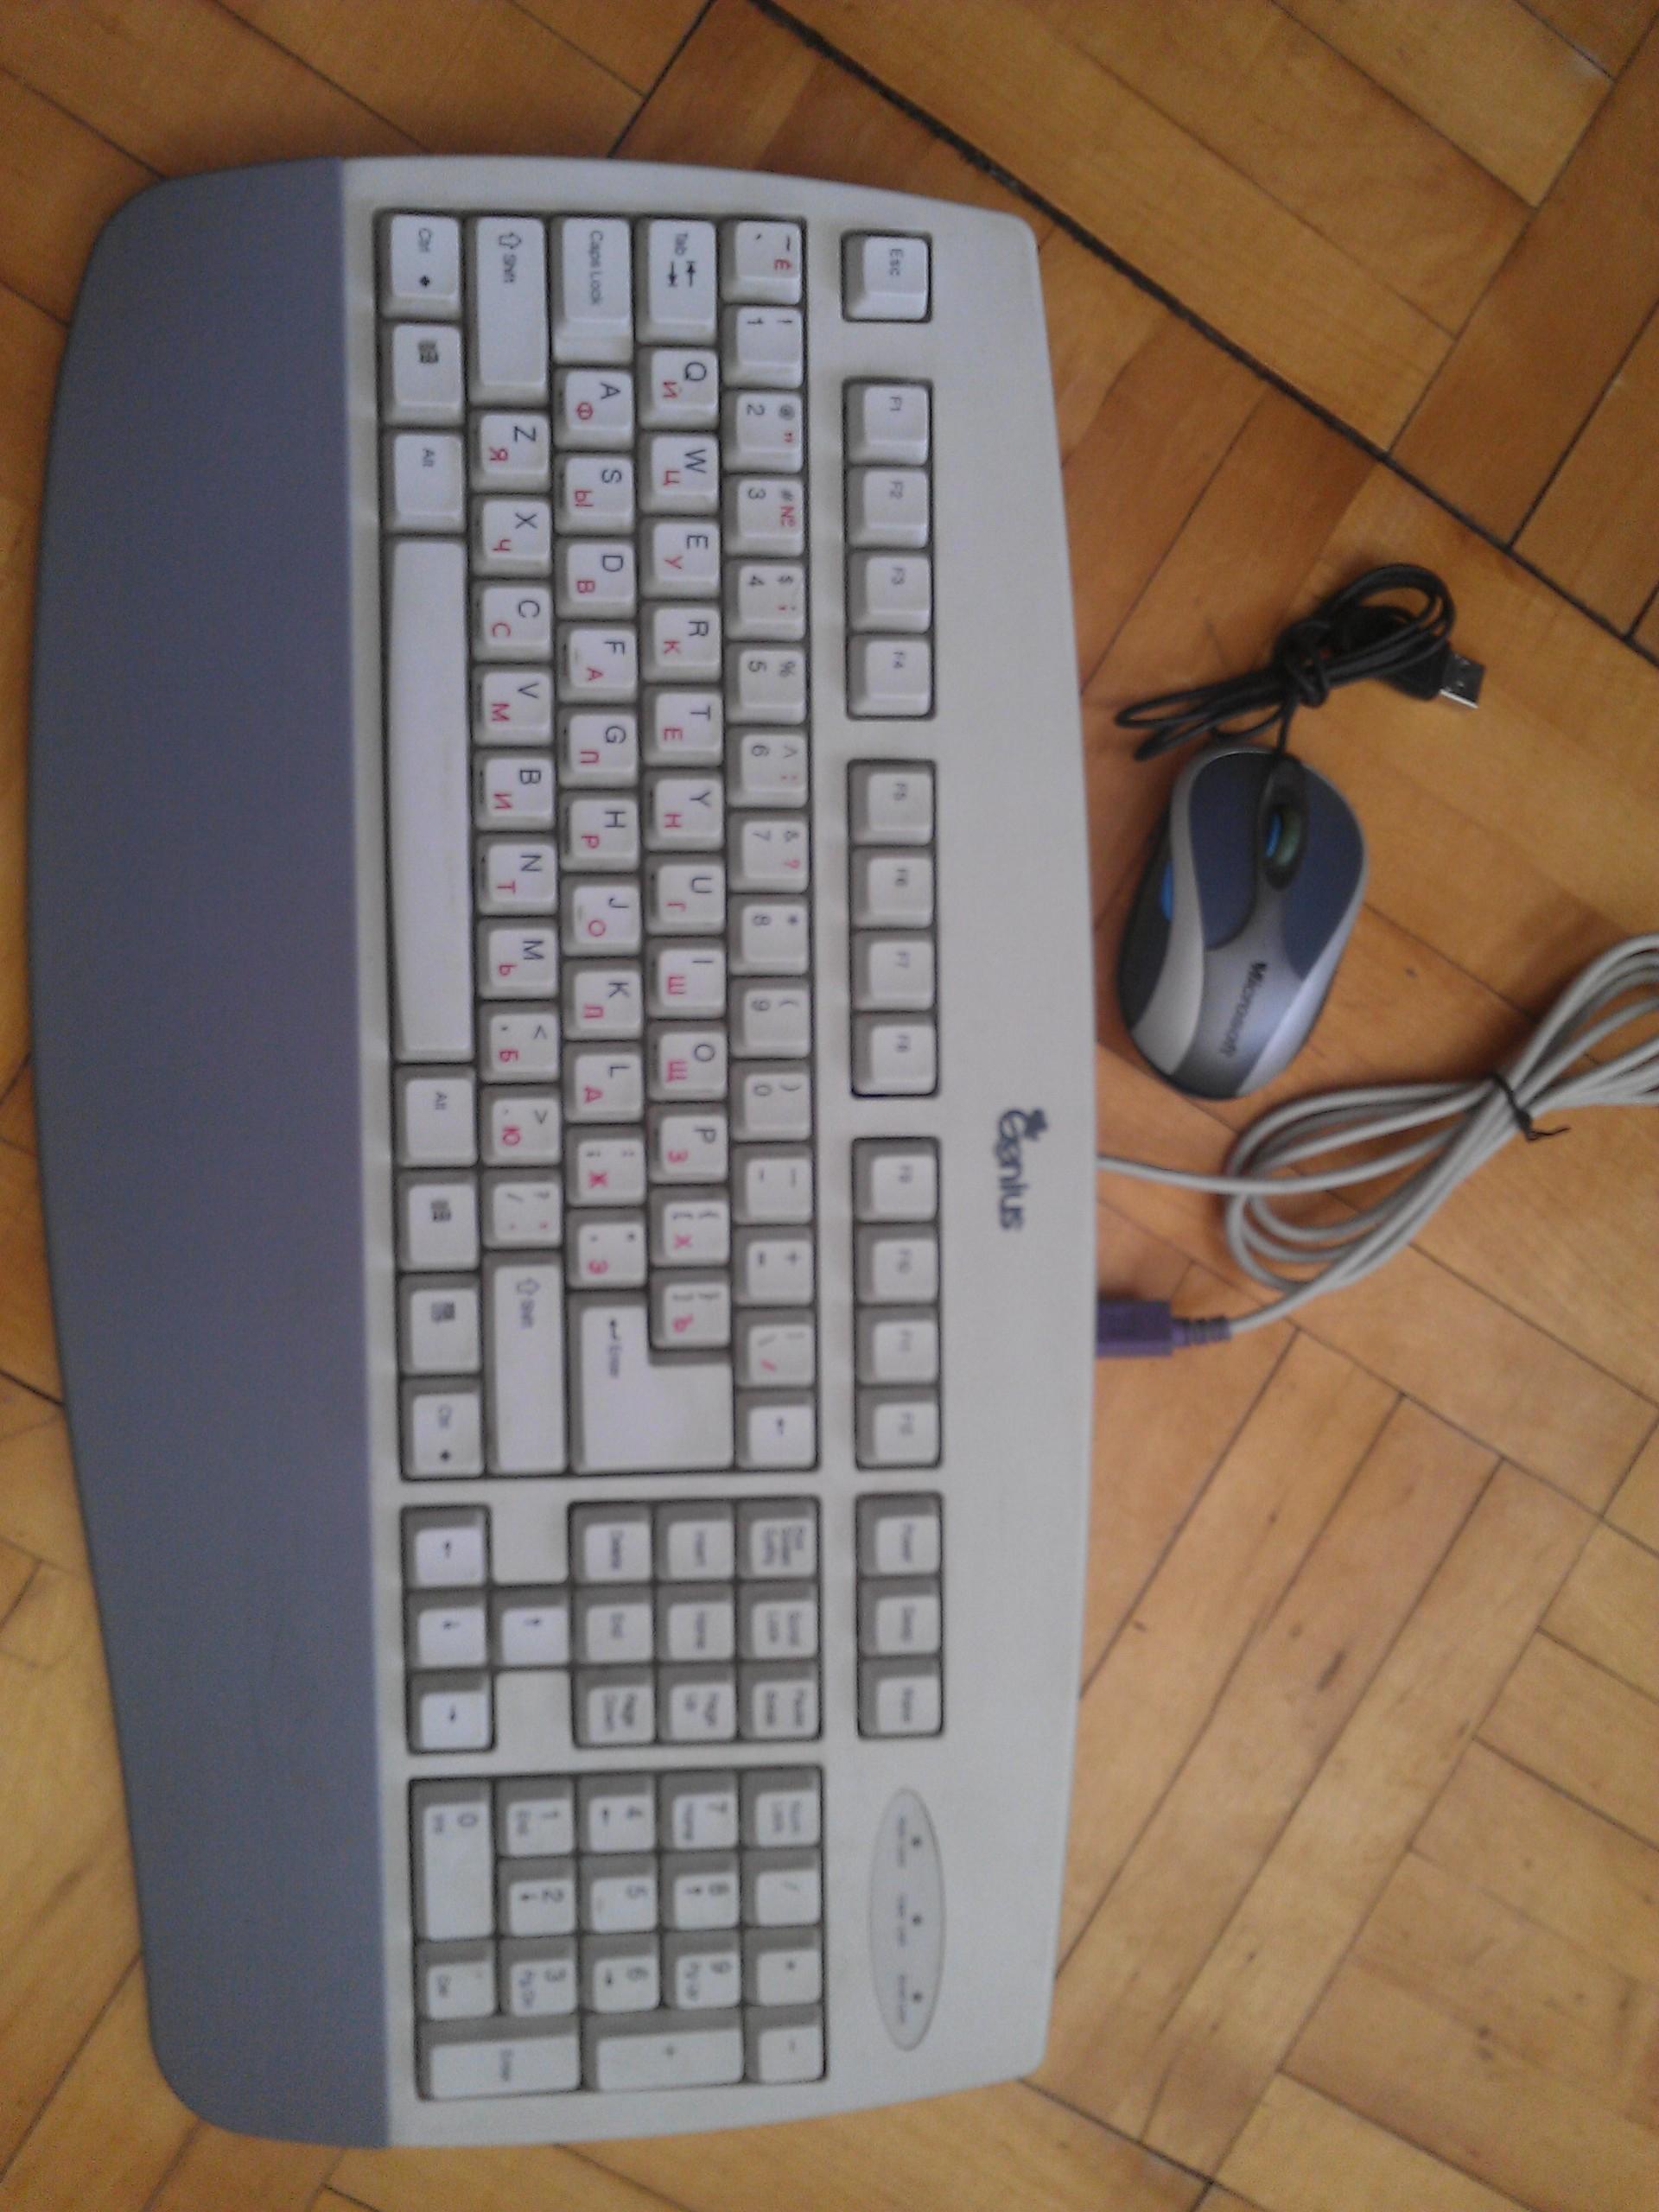 Driver teclado genius k640 gratis